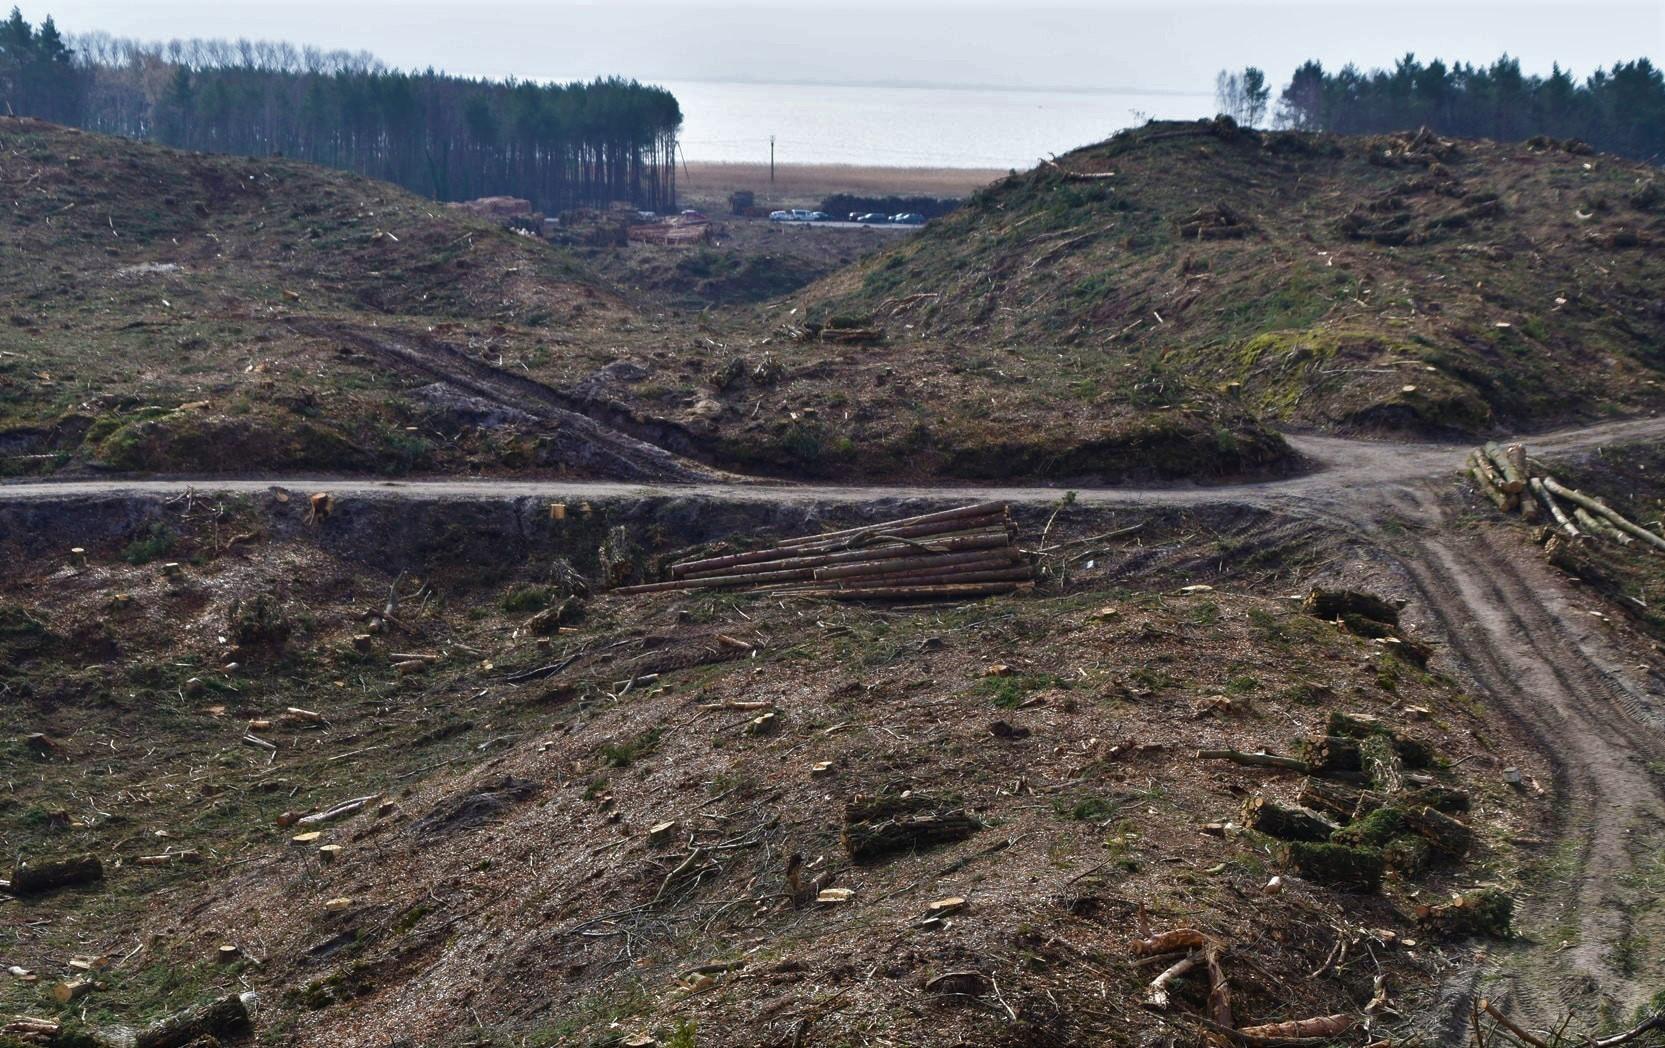 Teren pod przyszły plac budowy przekopu wykarczowano już w lutym 2019 r. fot. UM w Gdyni.